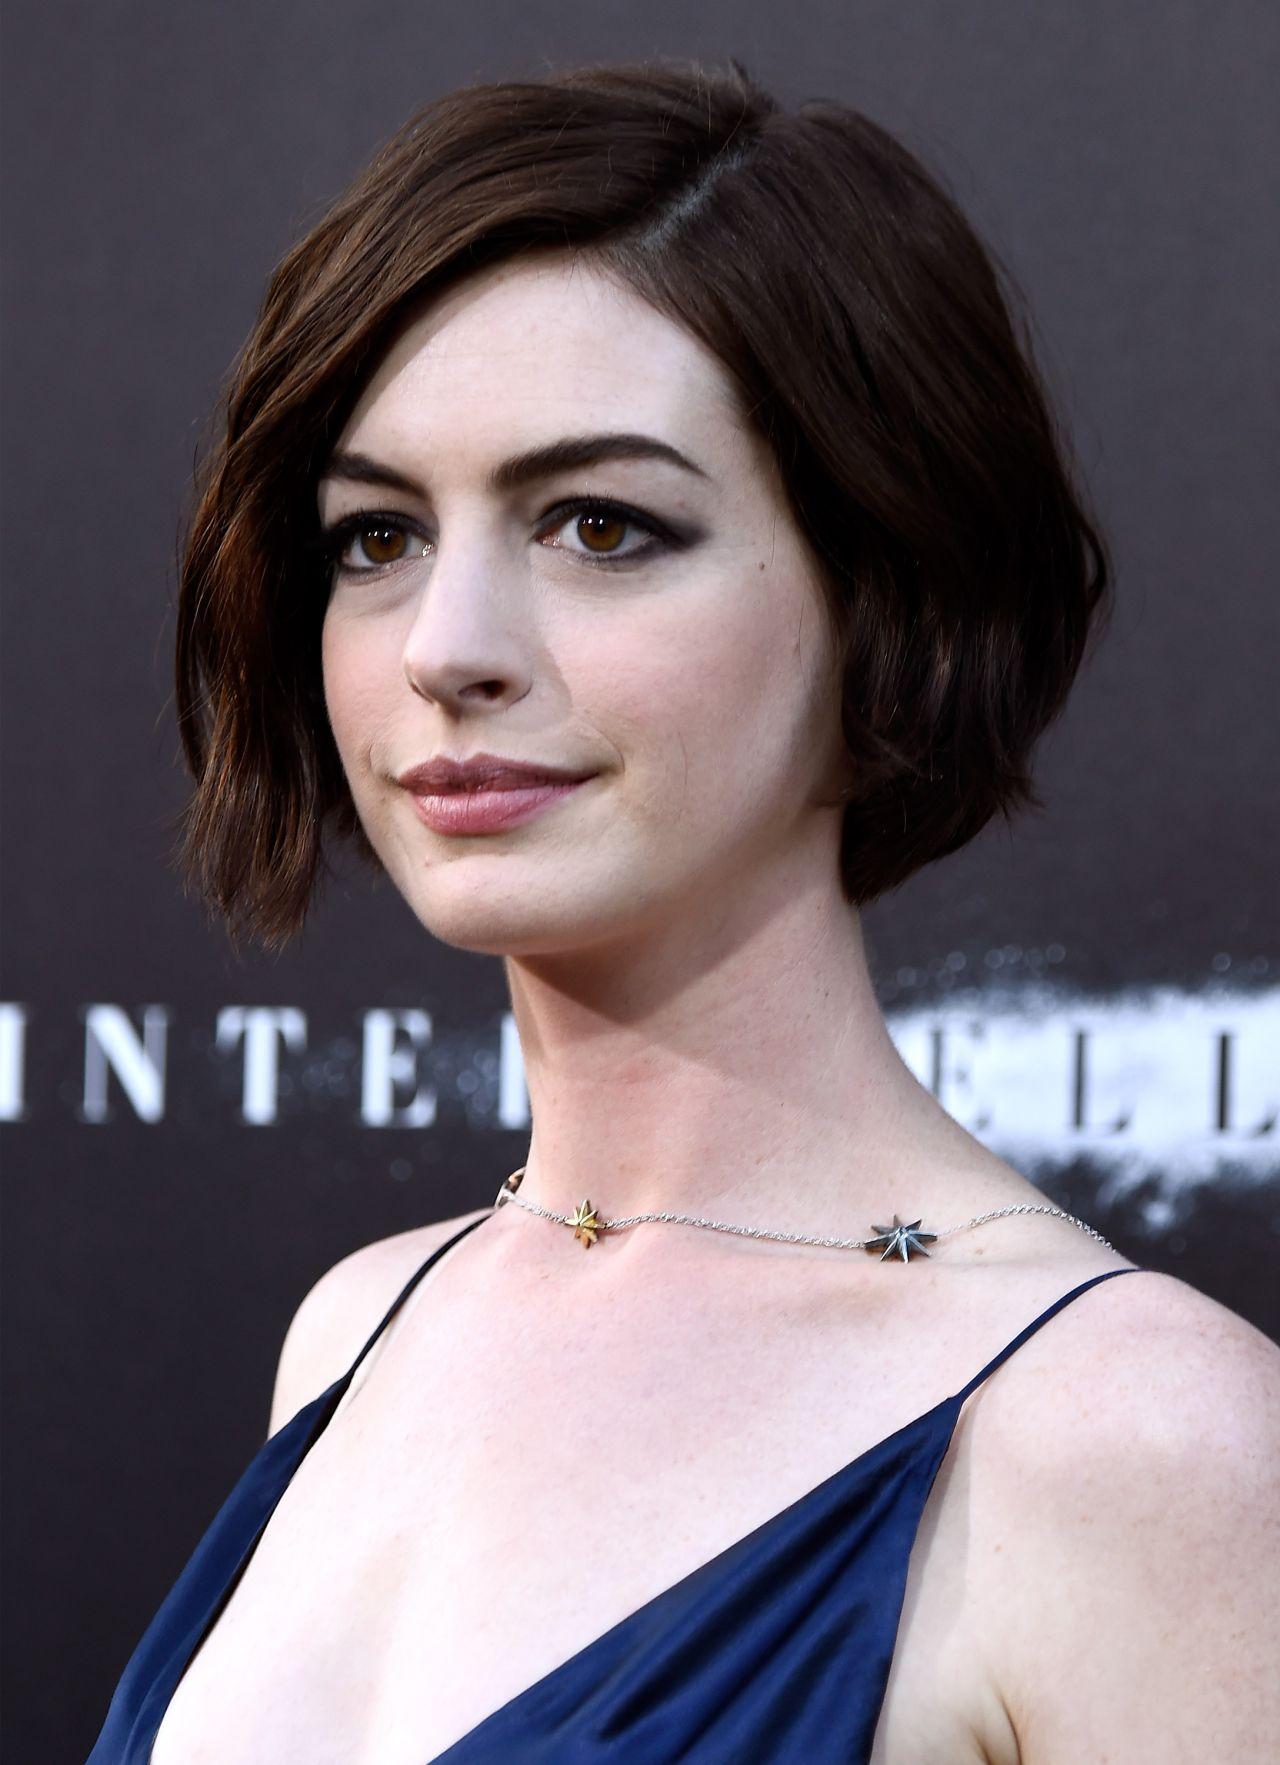 Anne Hathaway Interstellar Premiere In Hollywood